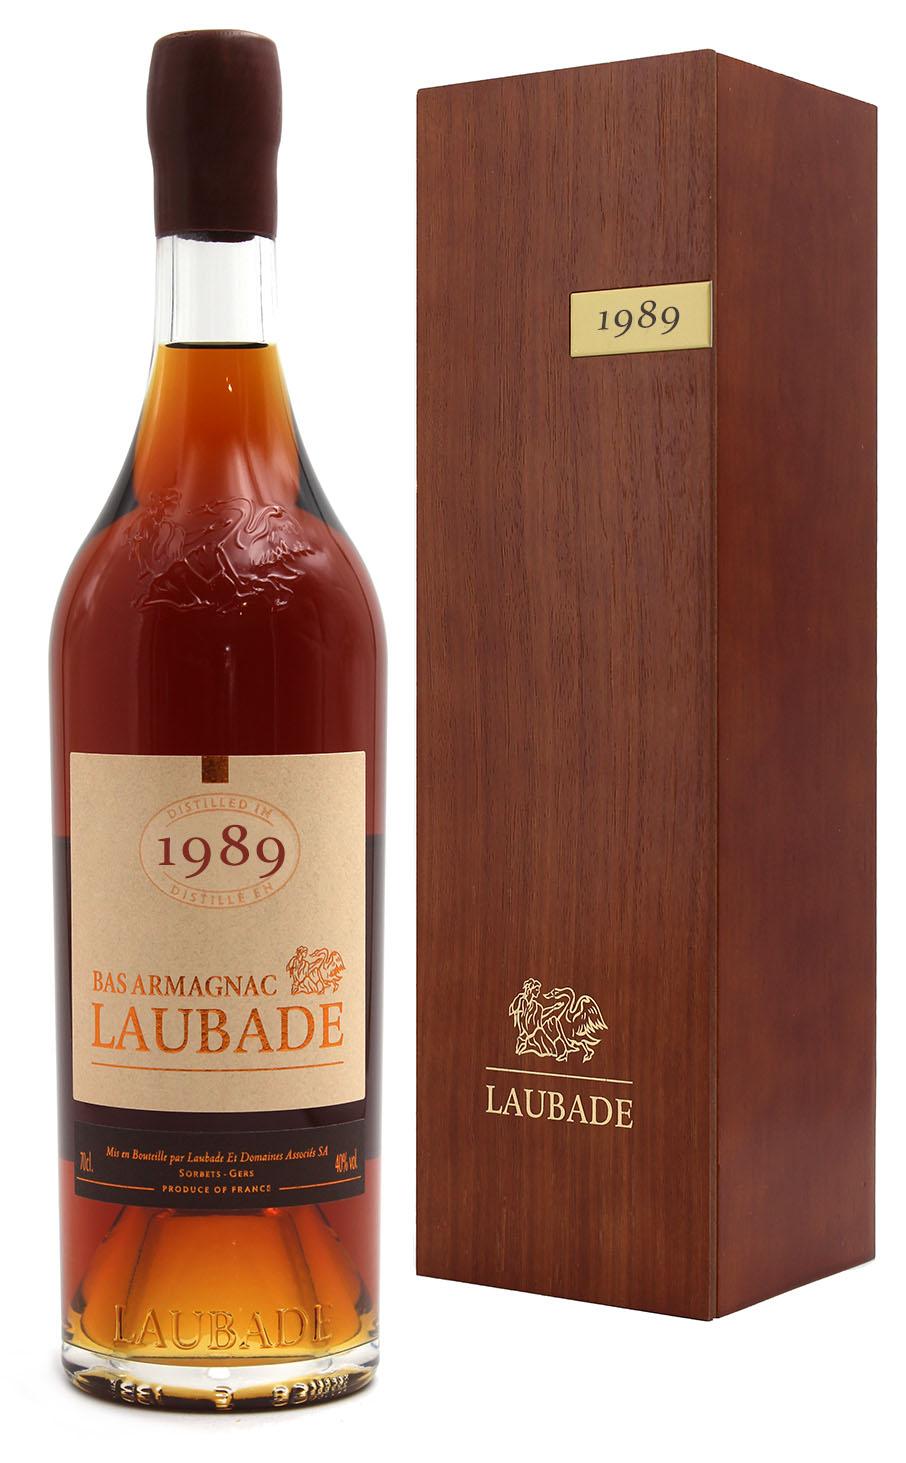 Bas Armagnac Laubade 1989  - 70cl